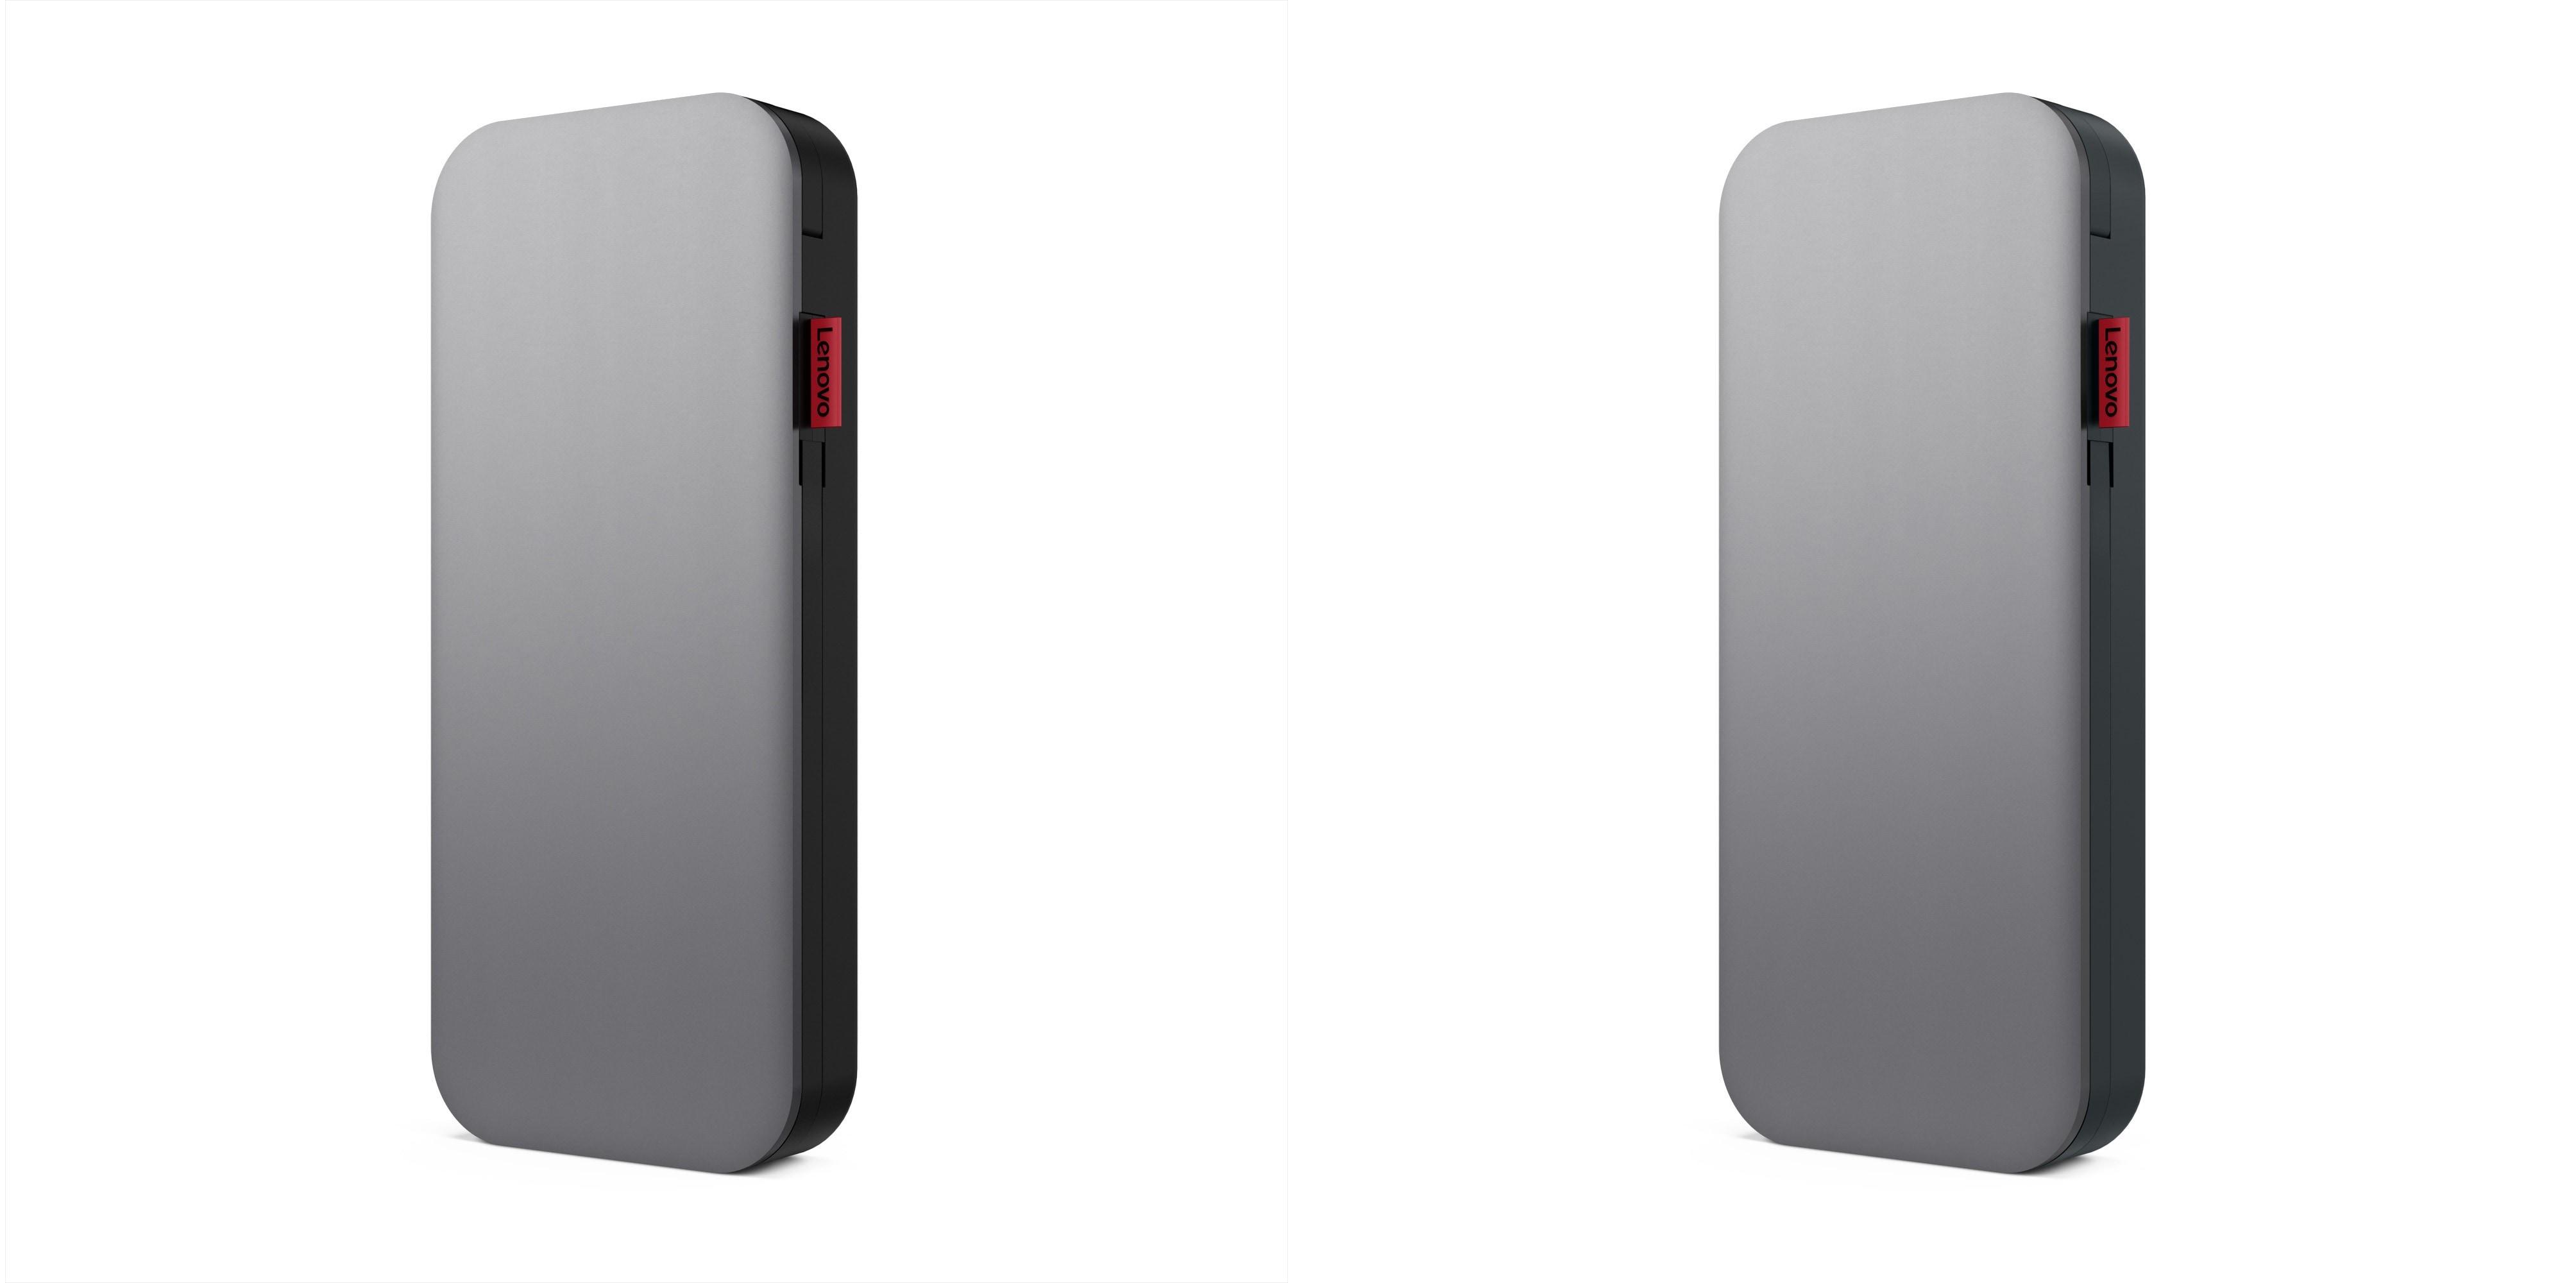 Lenovo Go USB Type-C ノートブックパワーバンク 20000mAh(ブラック/グレー)